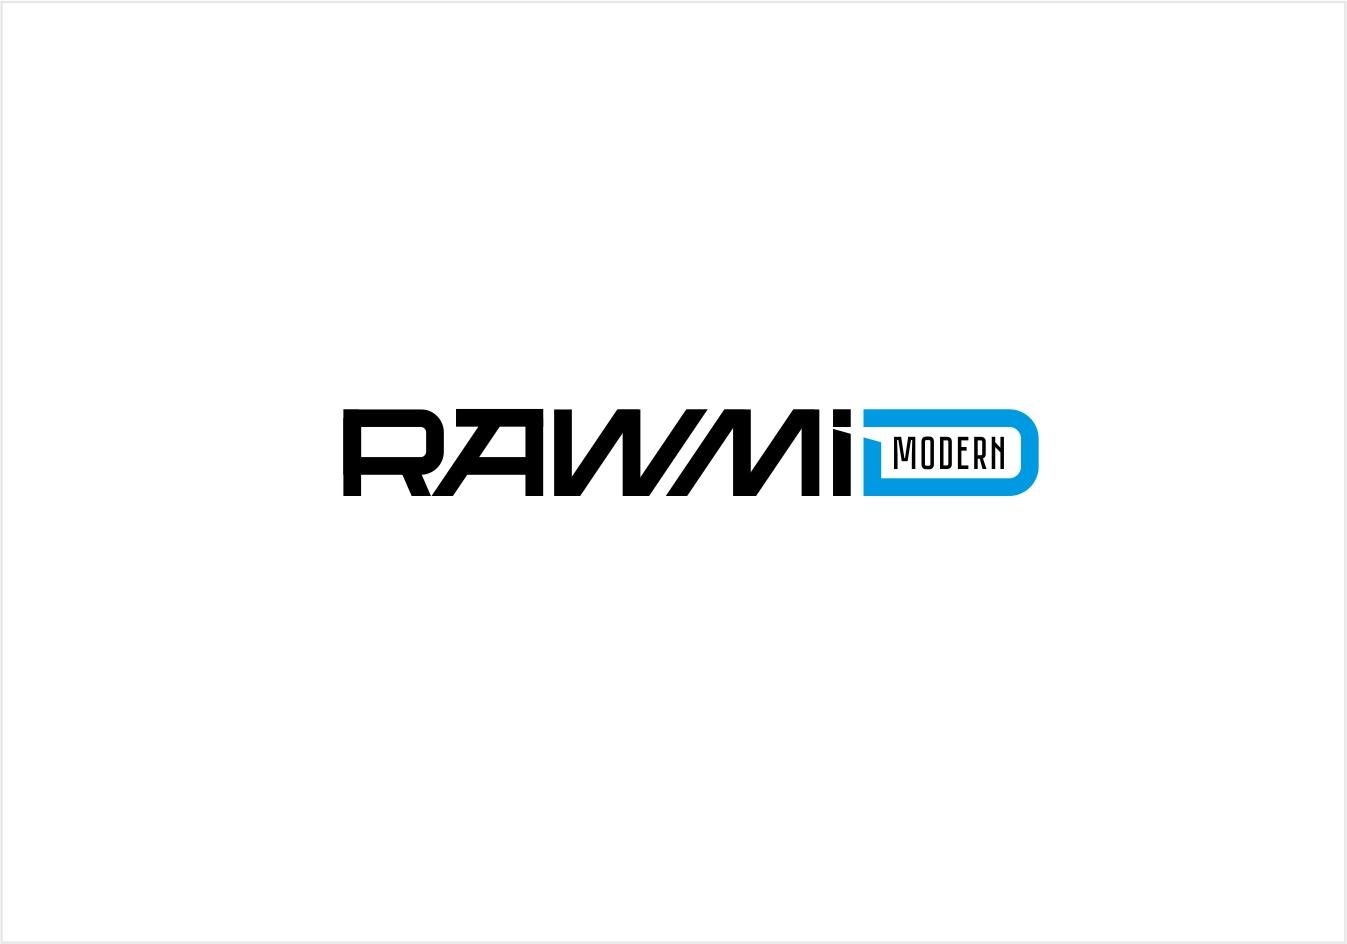 Создать логотип (буквенная часть) для бренда бытовой техники фото f_0825b34ebabed5dc.jpg